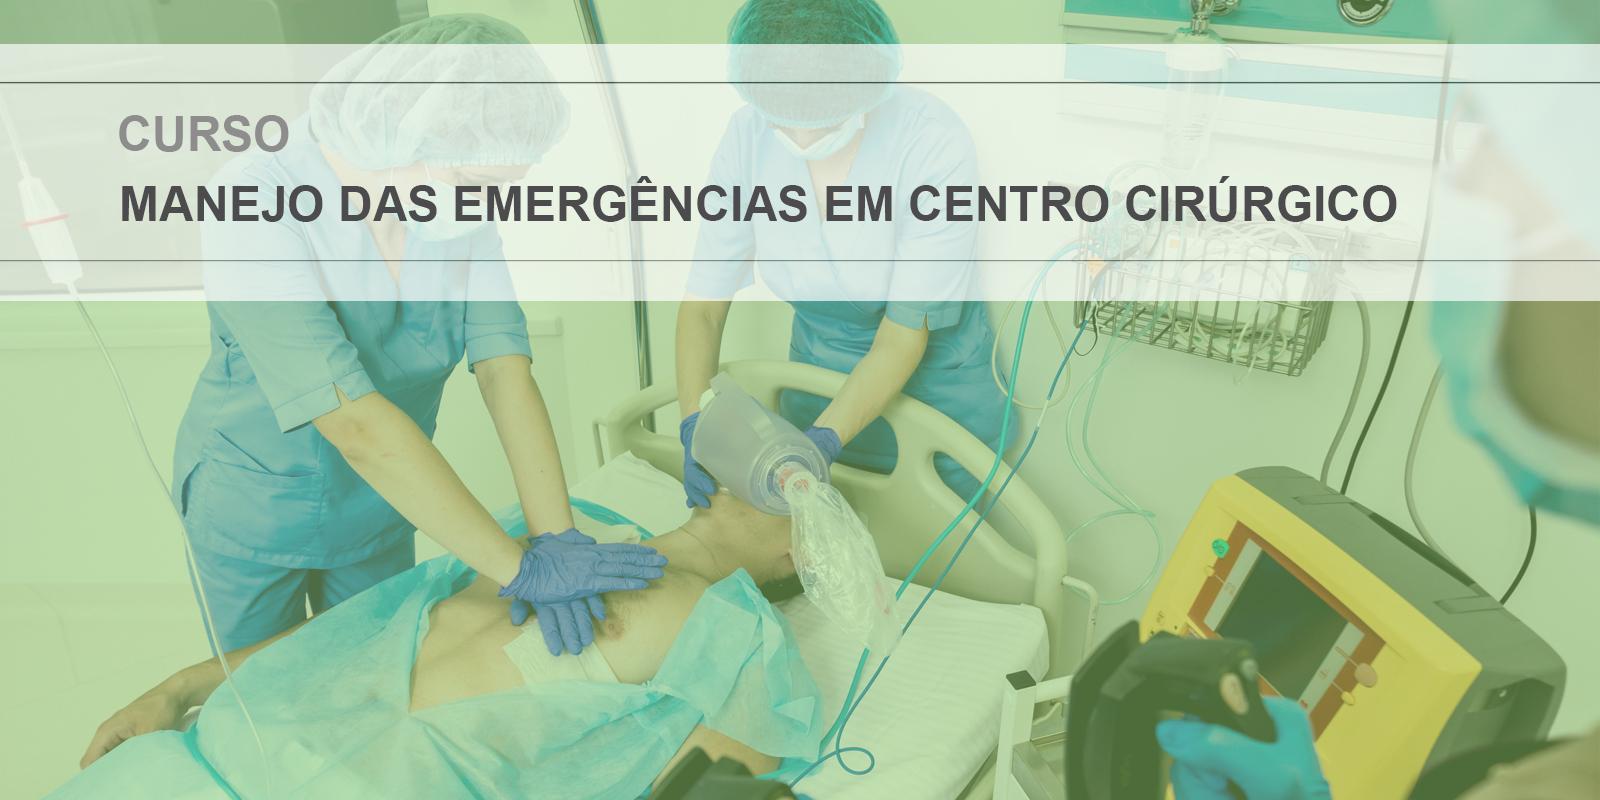 II Módulo - Manejo das Emergências no Centro Cirúrgico